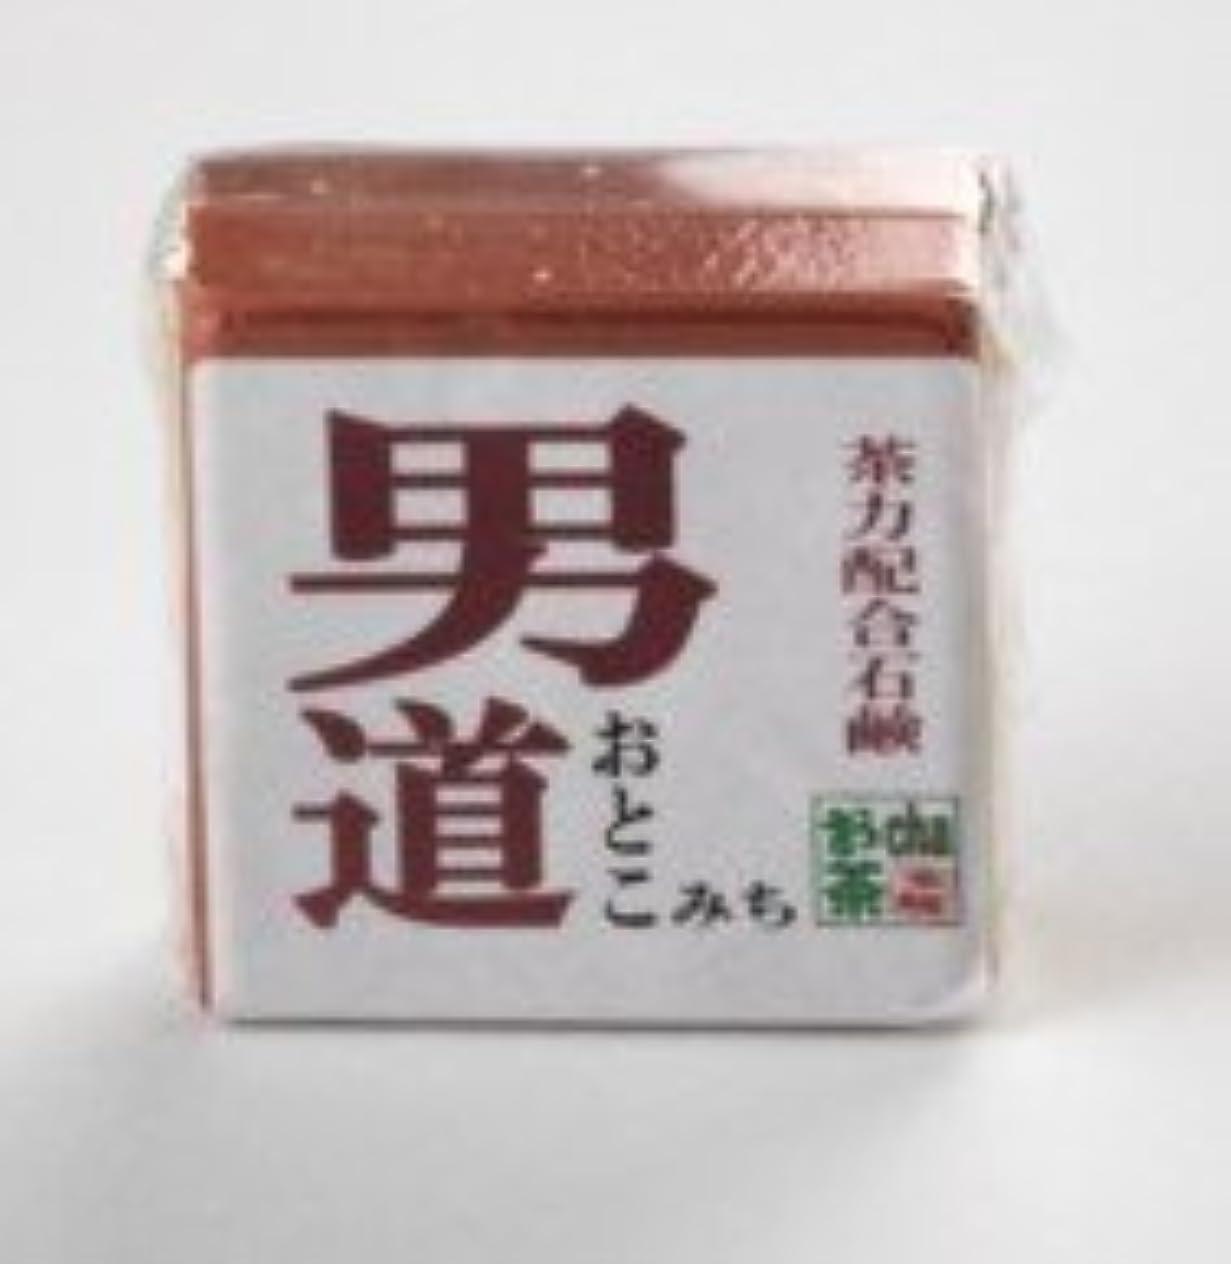 させる立証する便利さ男性用無添加石鹸 『 男 道 』(おとこみち) 115g固形タイプ 抗菌力99.9%の日本初の無添加石鹸